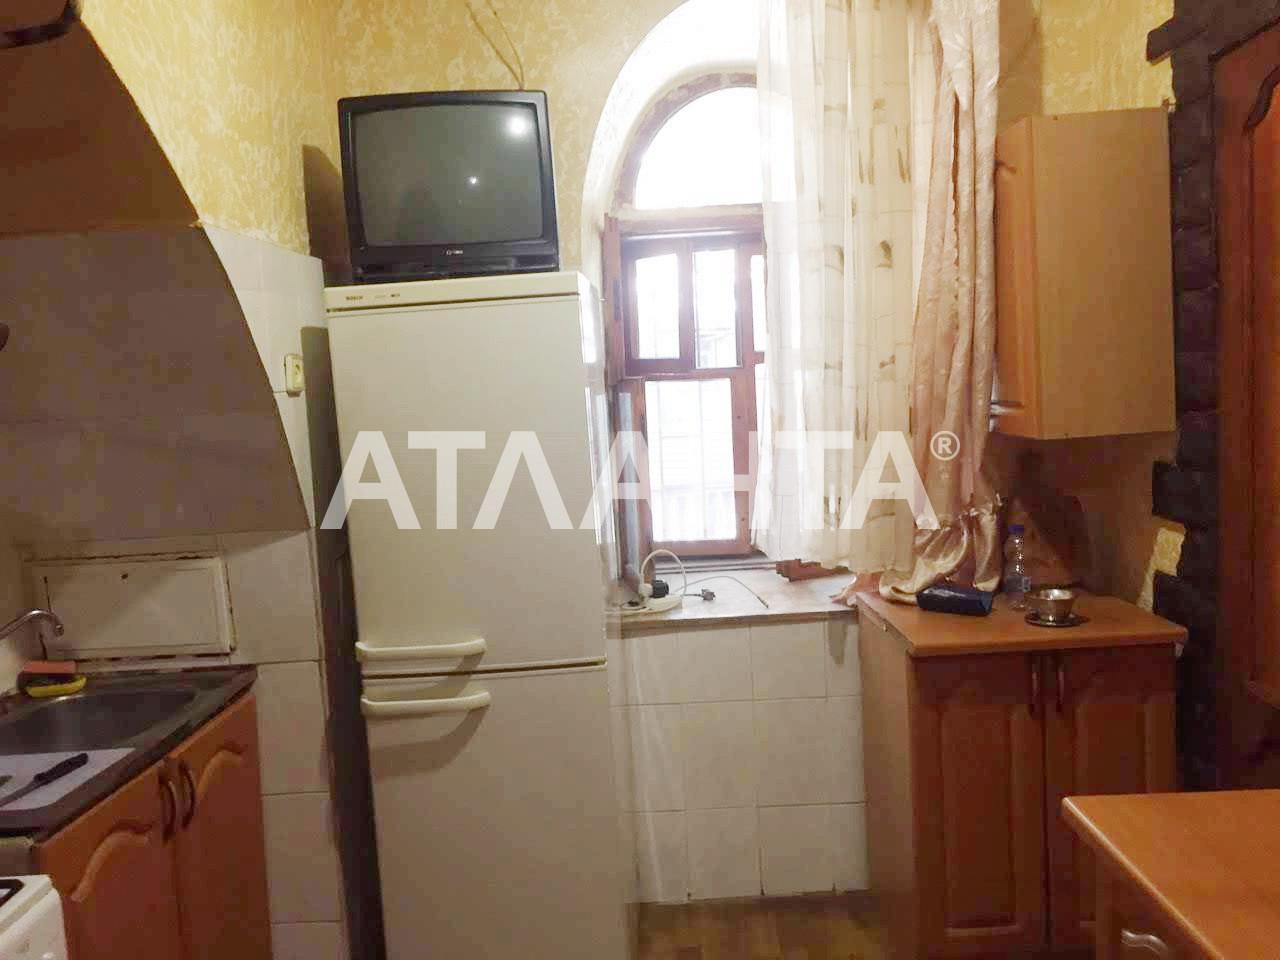 Продается 1-комнатная Квартира на ул. Бунина (Розы Люксембург) — 36 000 у.е. (фото №2)